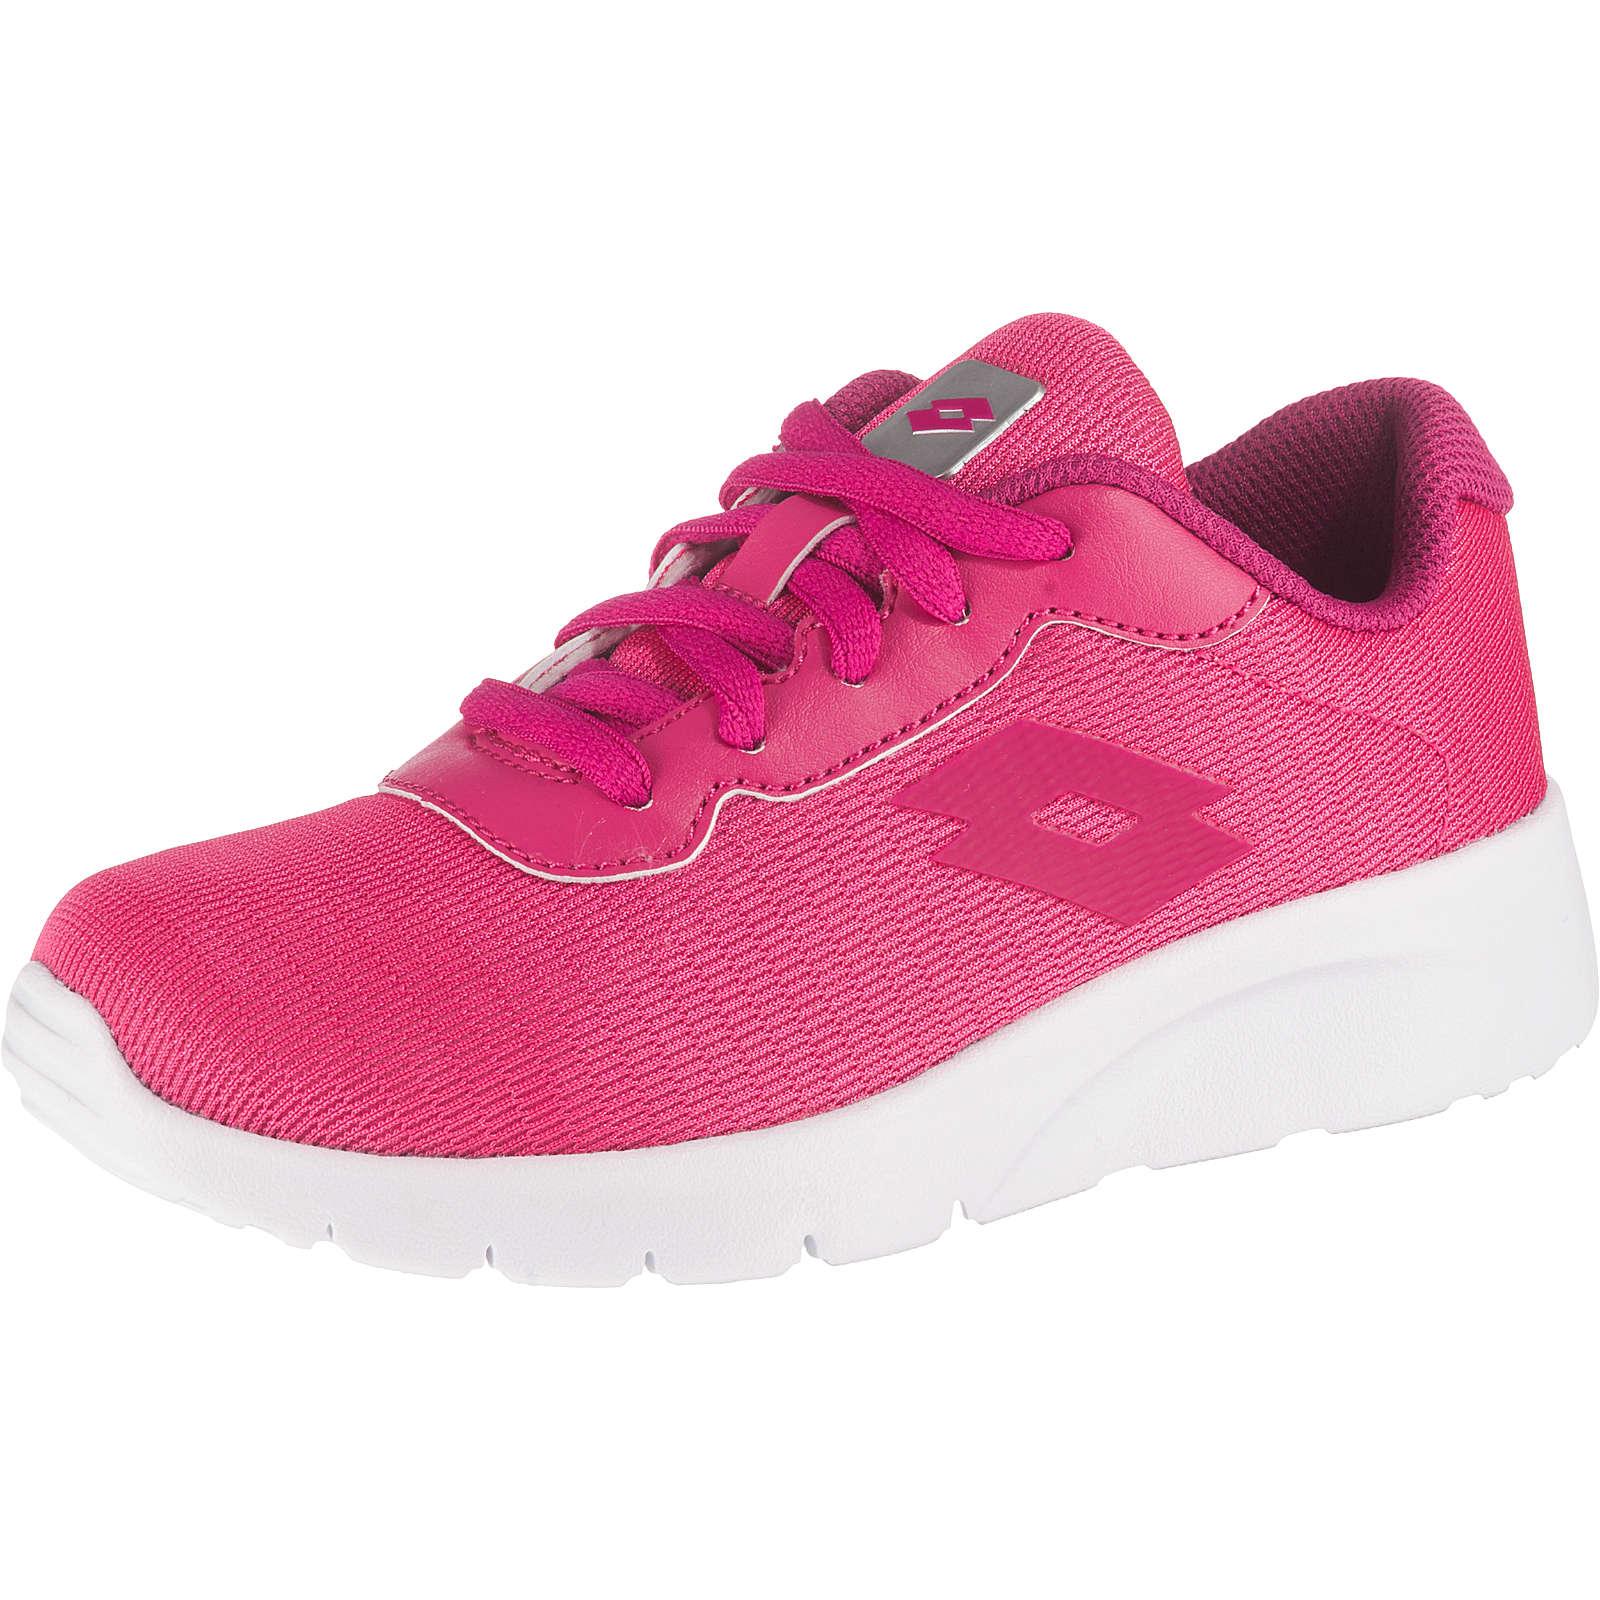 lotto Sportschuhe MEGALIGHT III CL SL für Mädchen pink Gr. 36